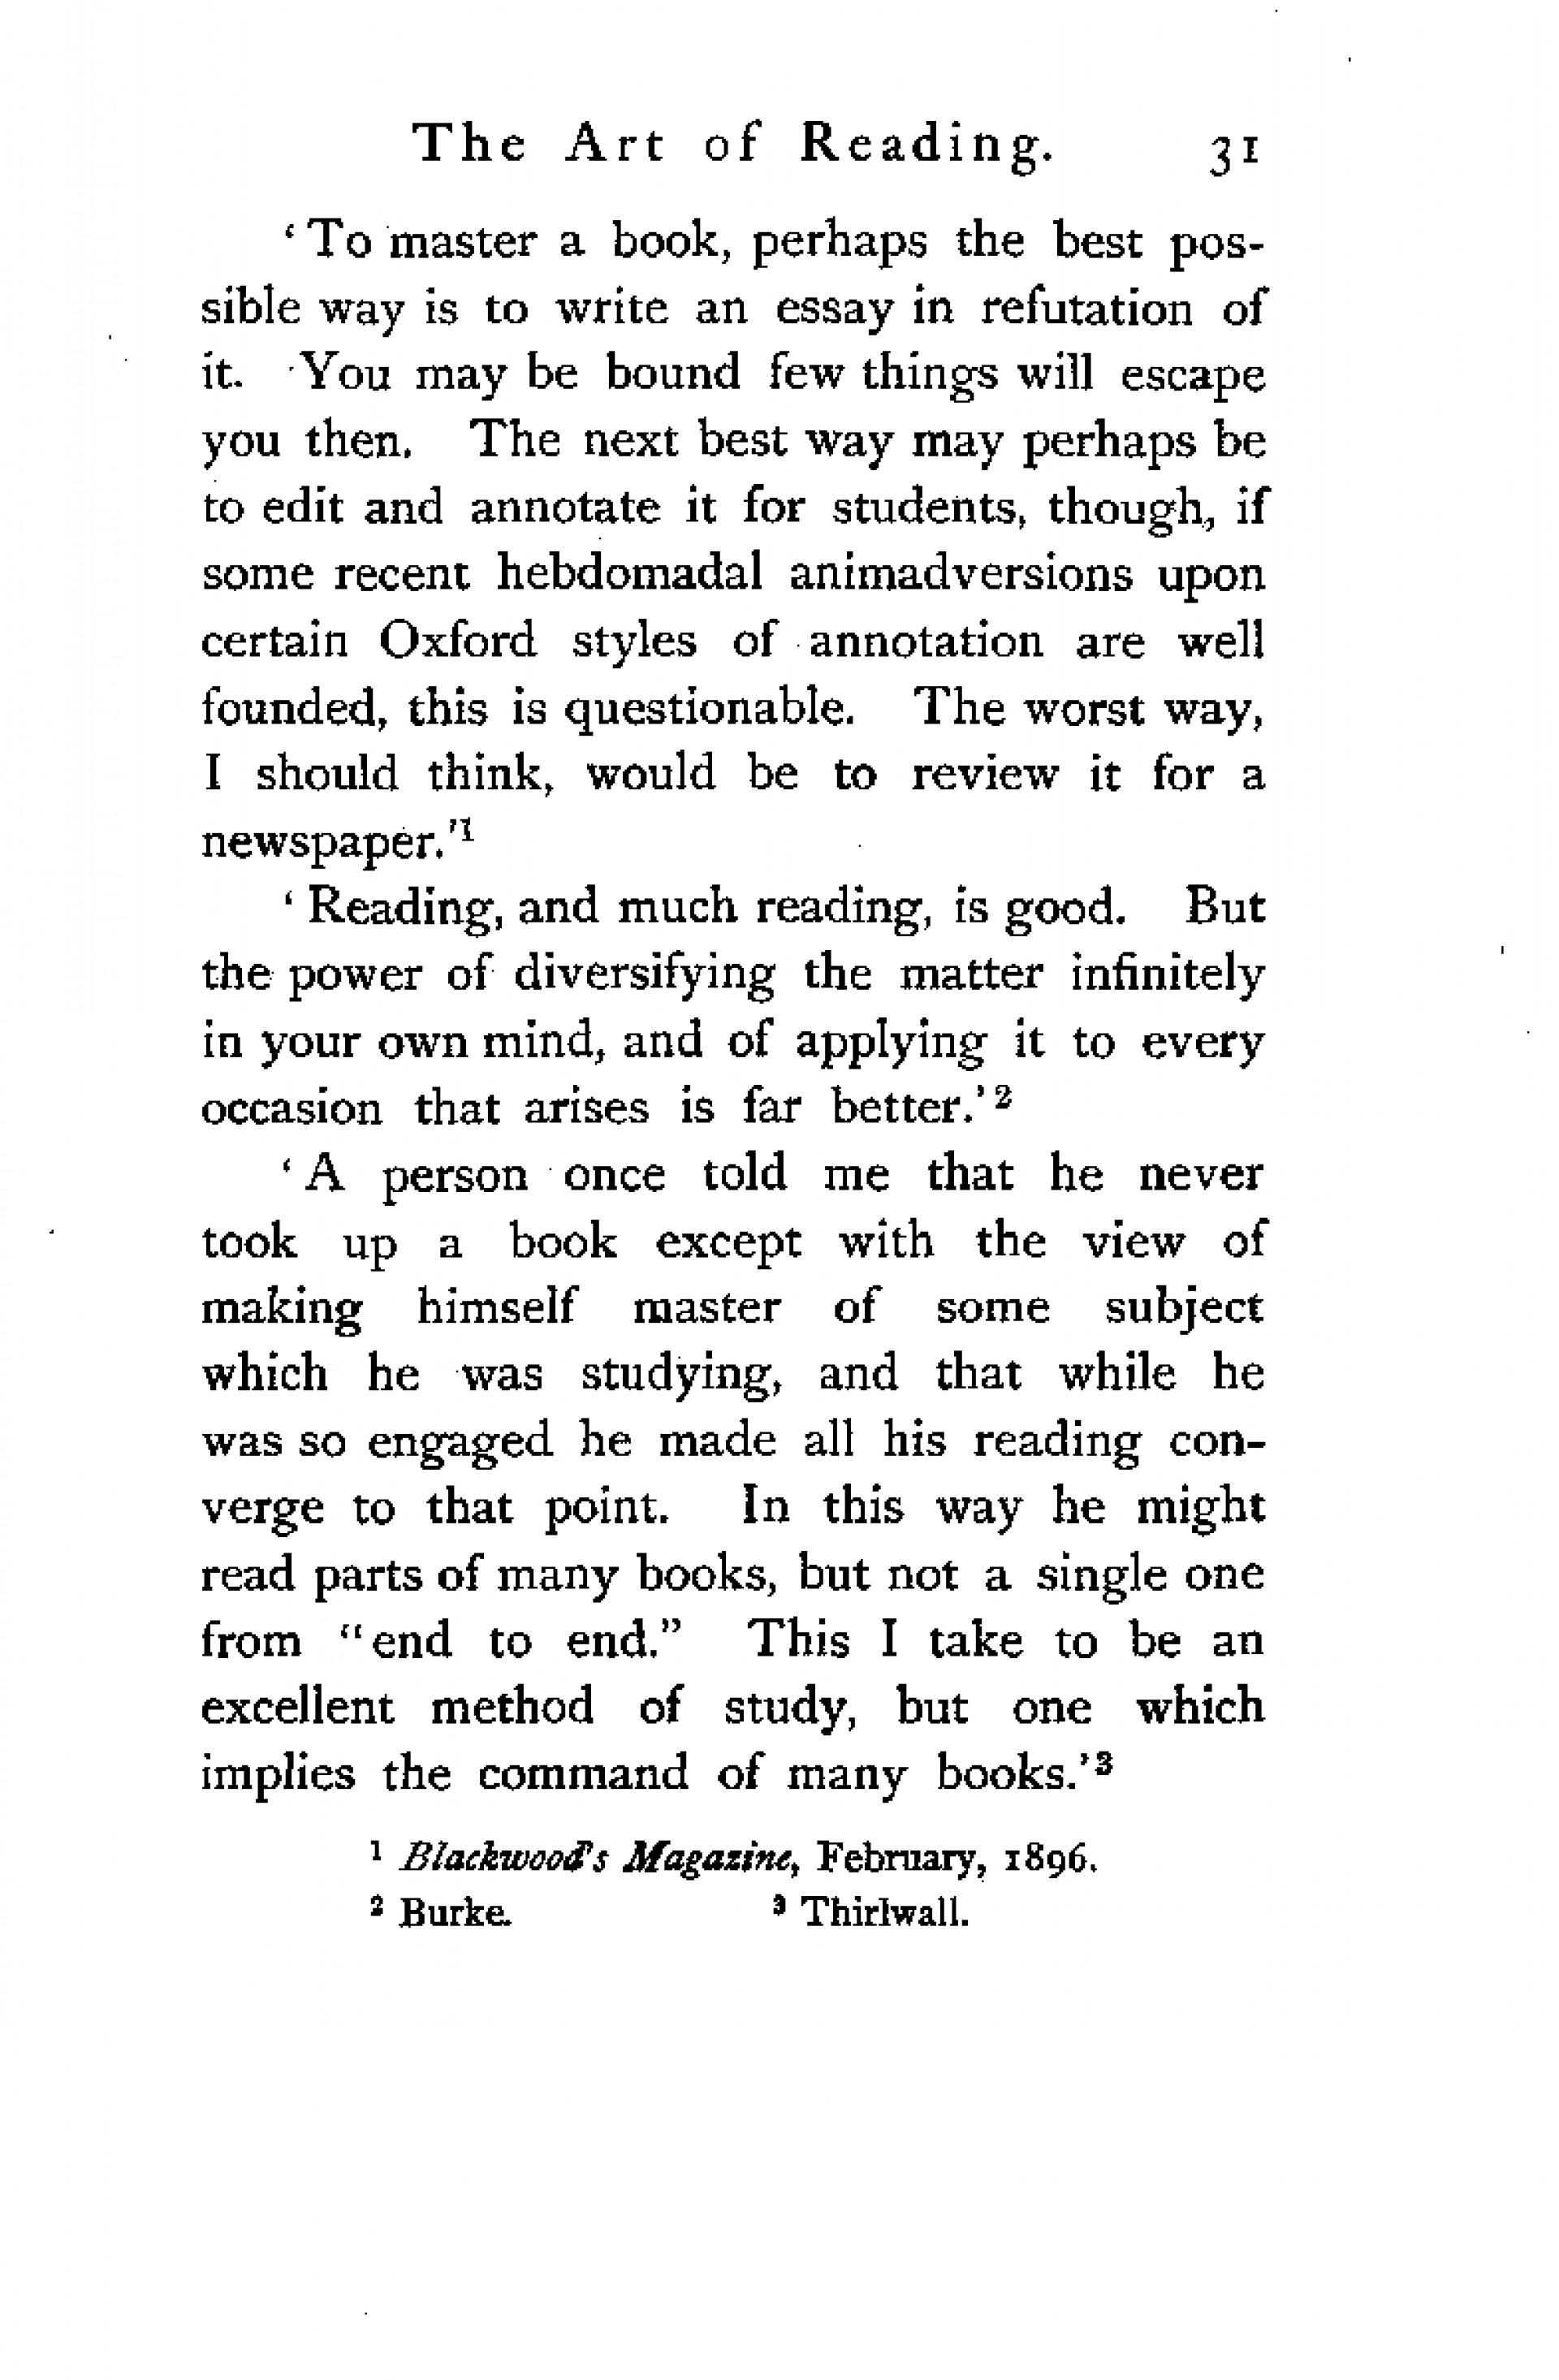 002 My Best Friend Essay Marvelous For Class 2 In Urdu English 1 On 6 Marathi 1920